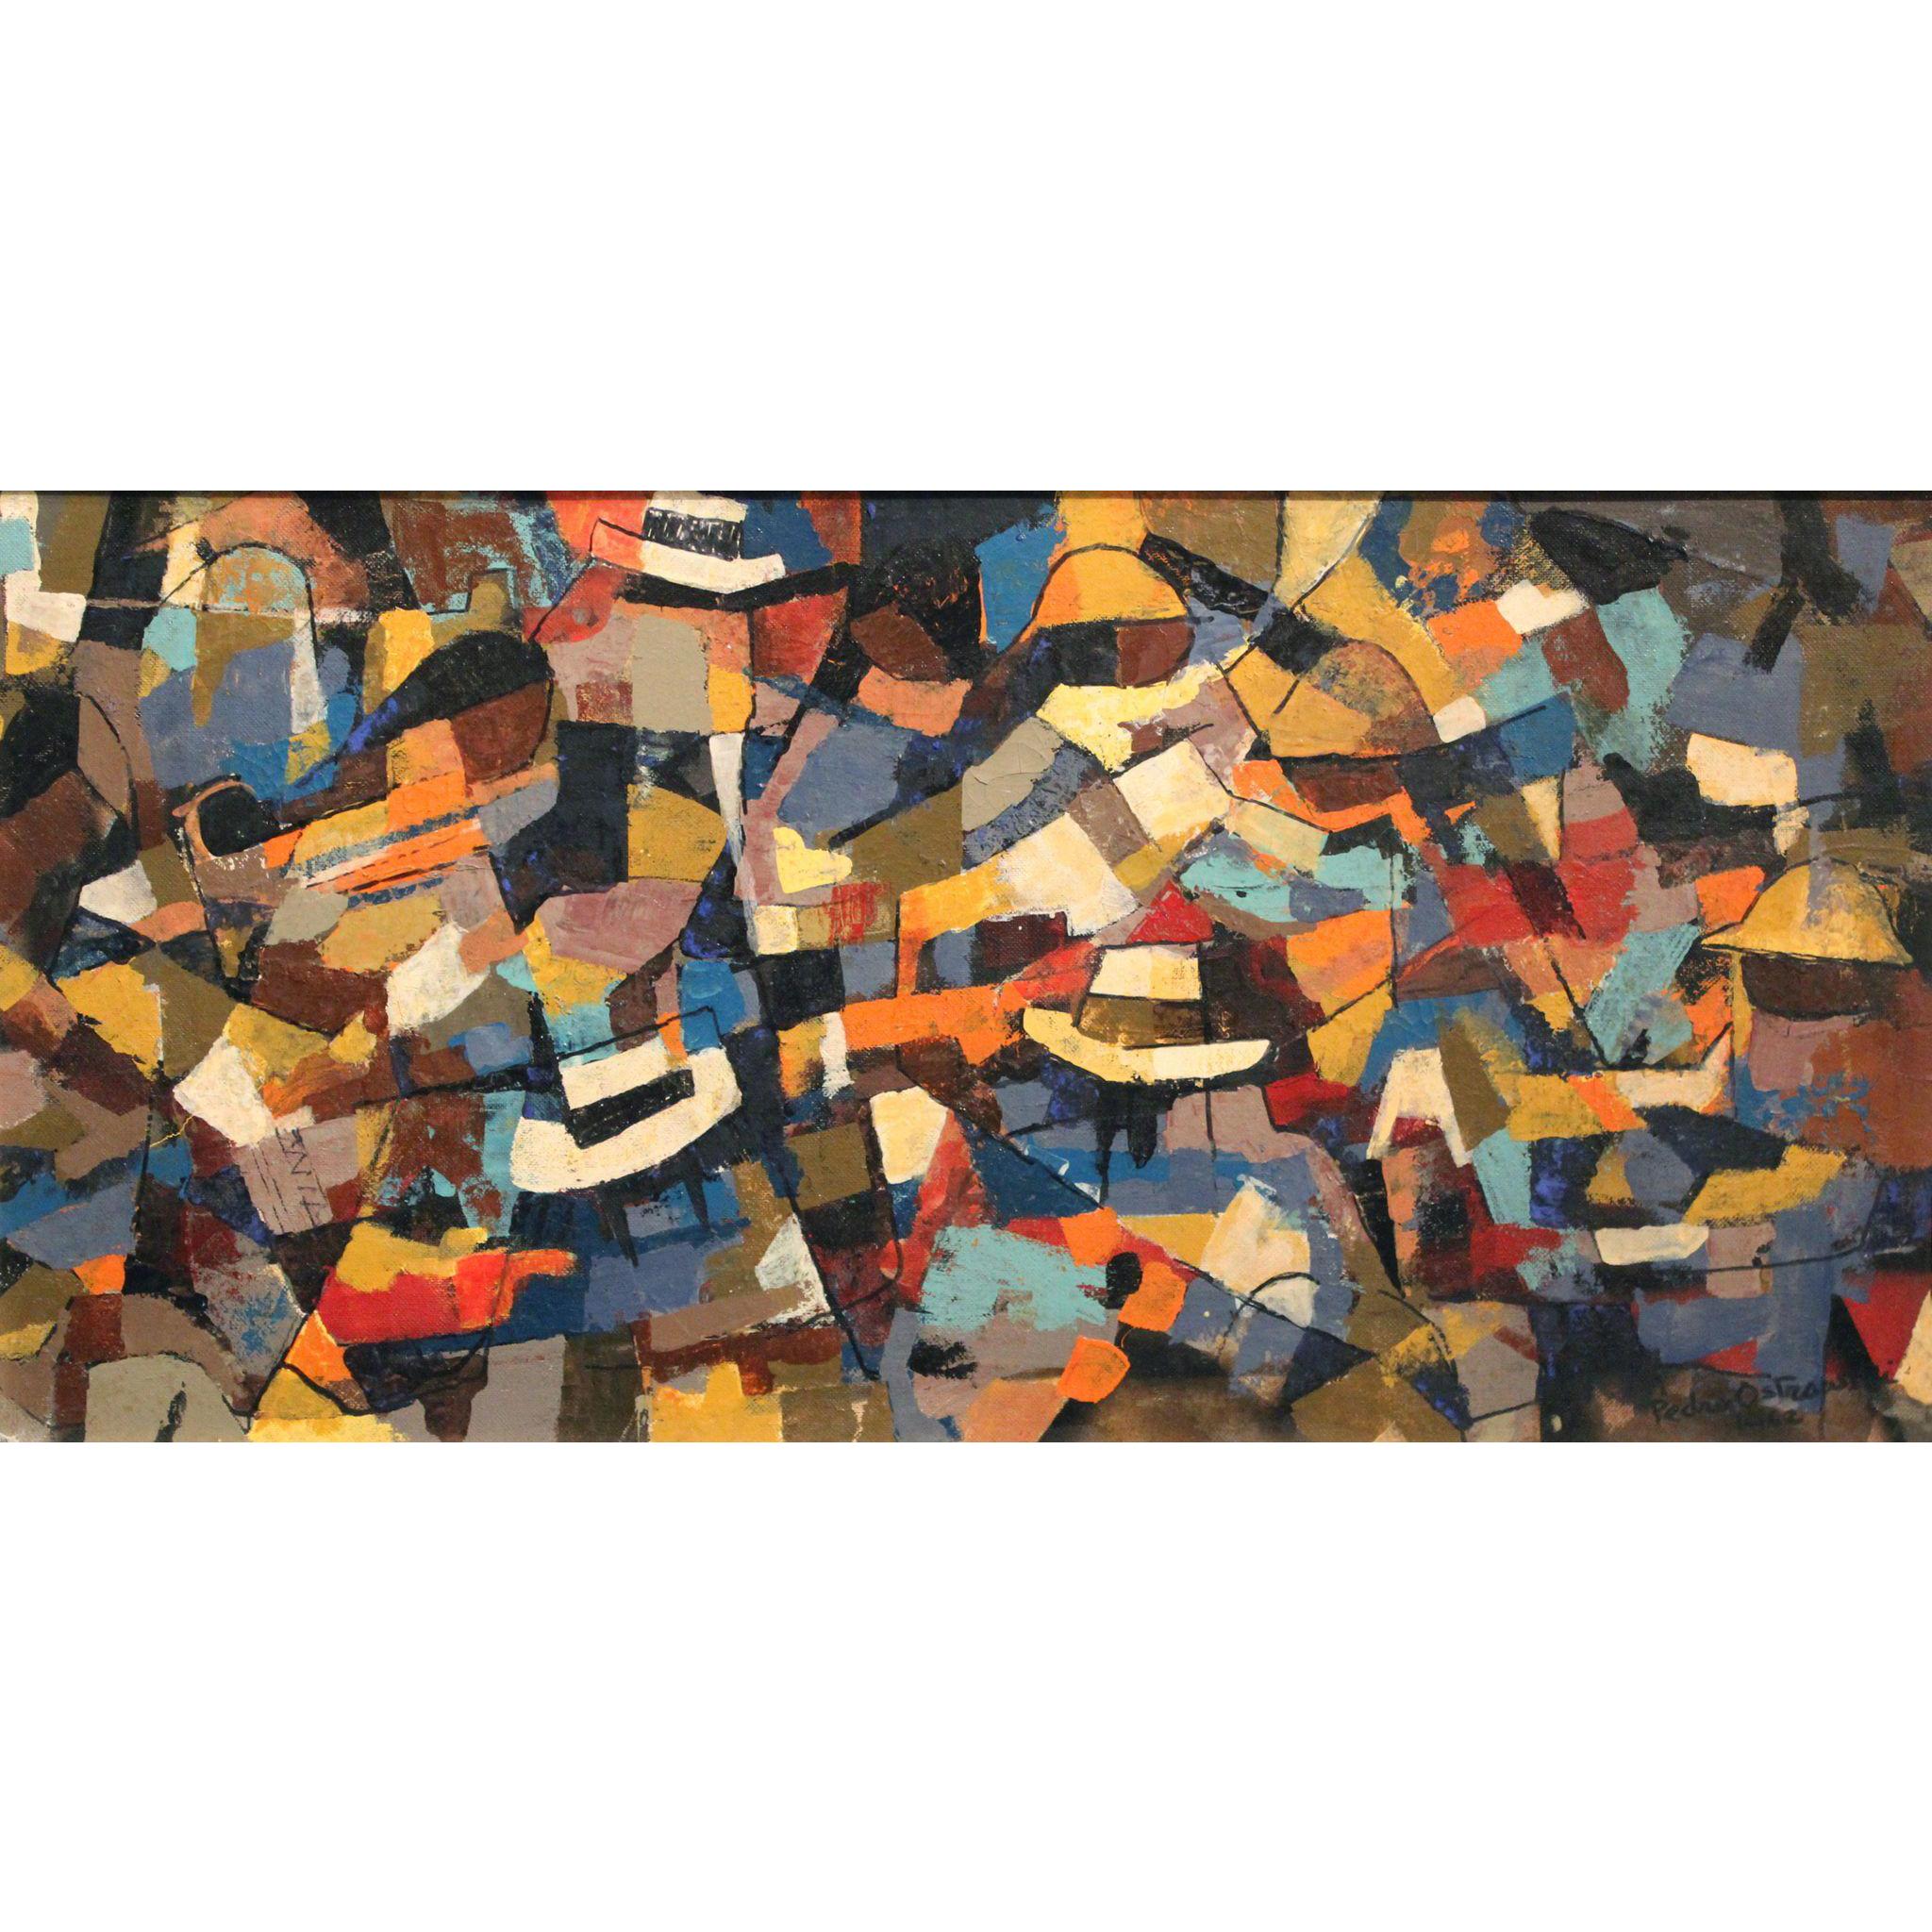 Peter Von Rawita-Ostrowski or Pedro Ostrowski Abstract Oil Painting - Mercado Serrano